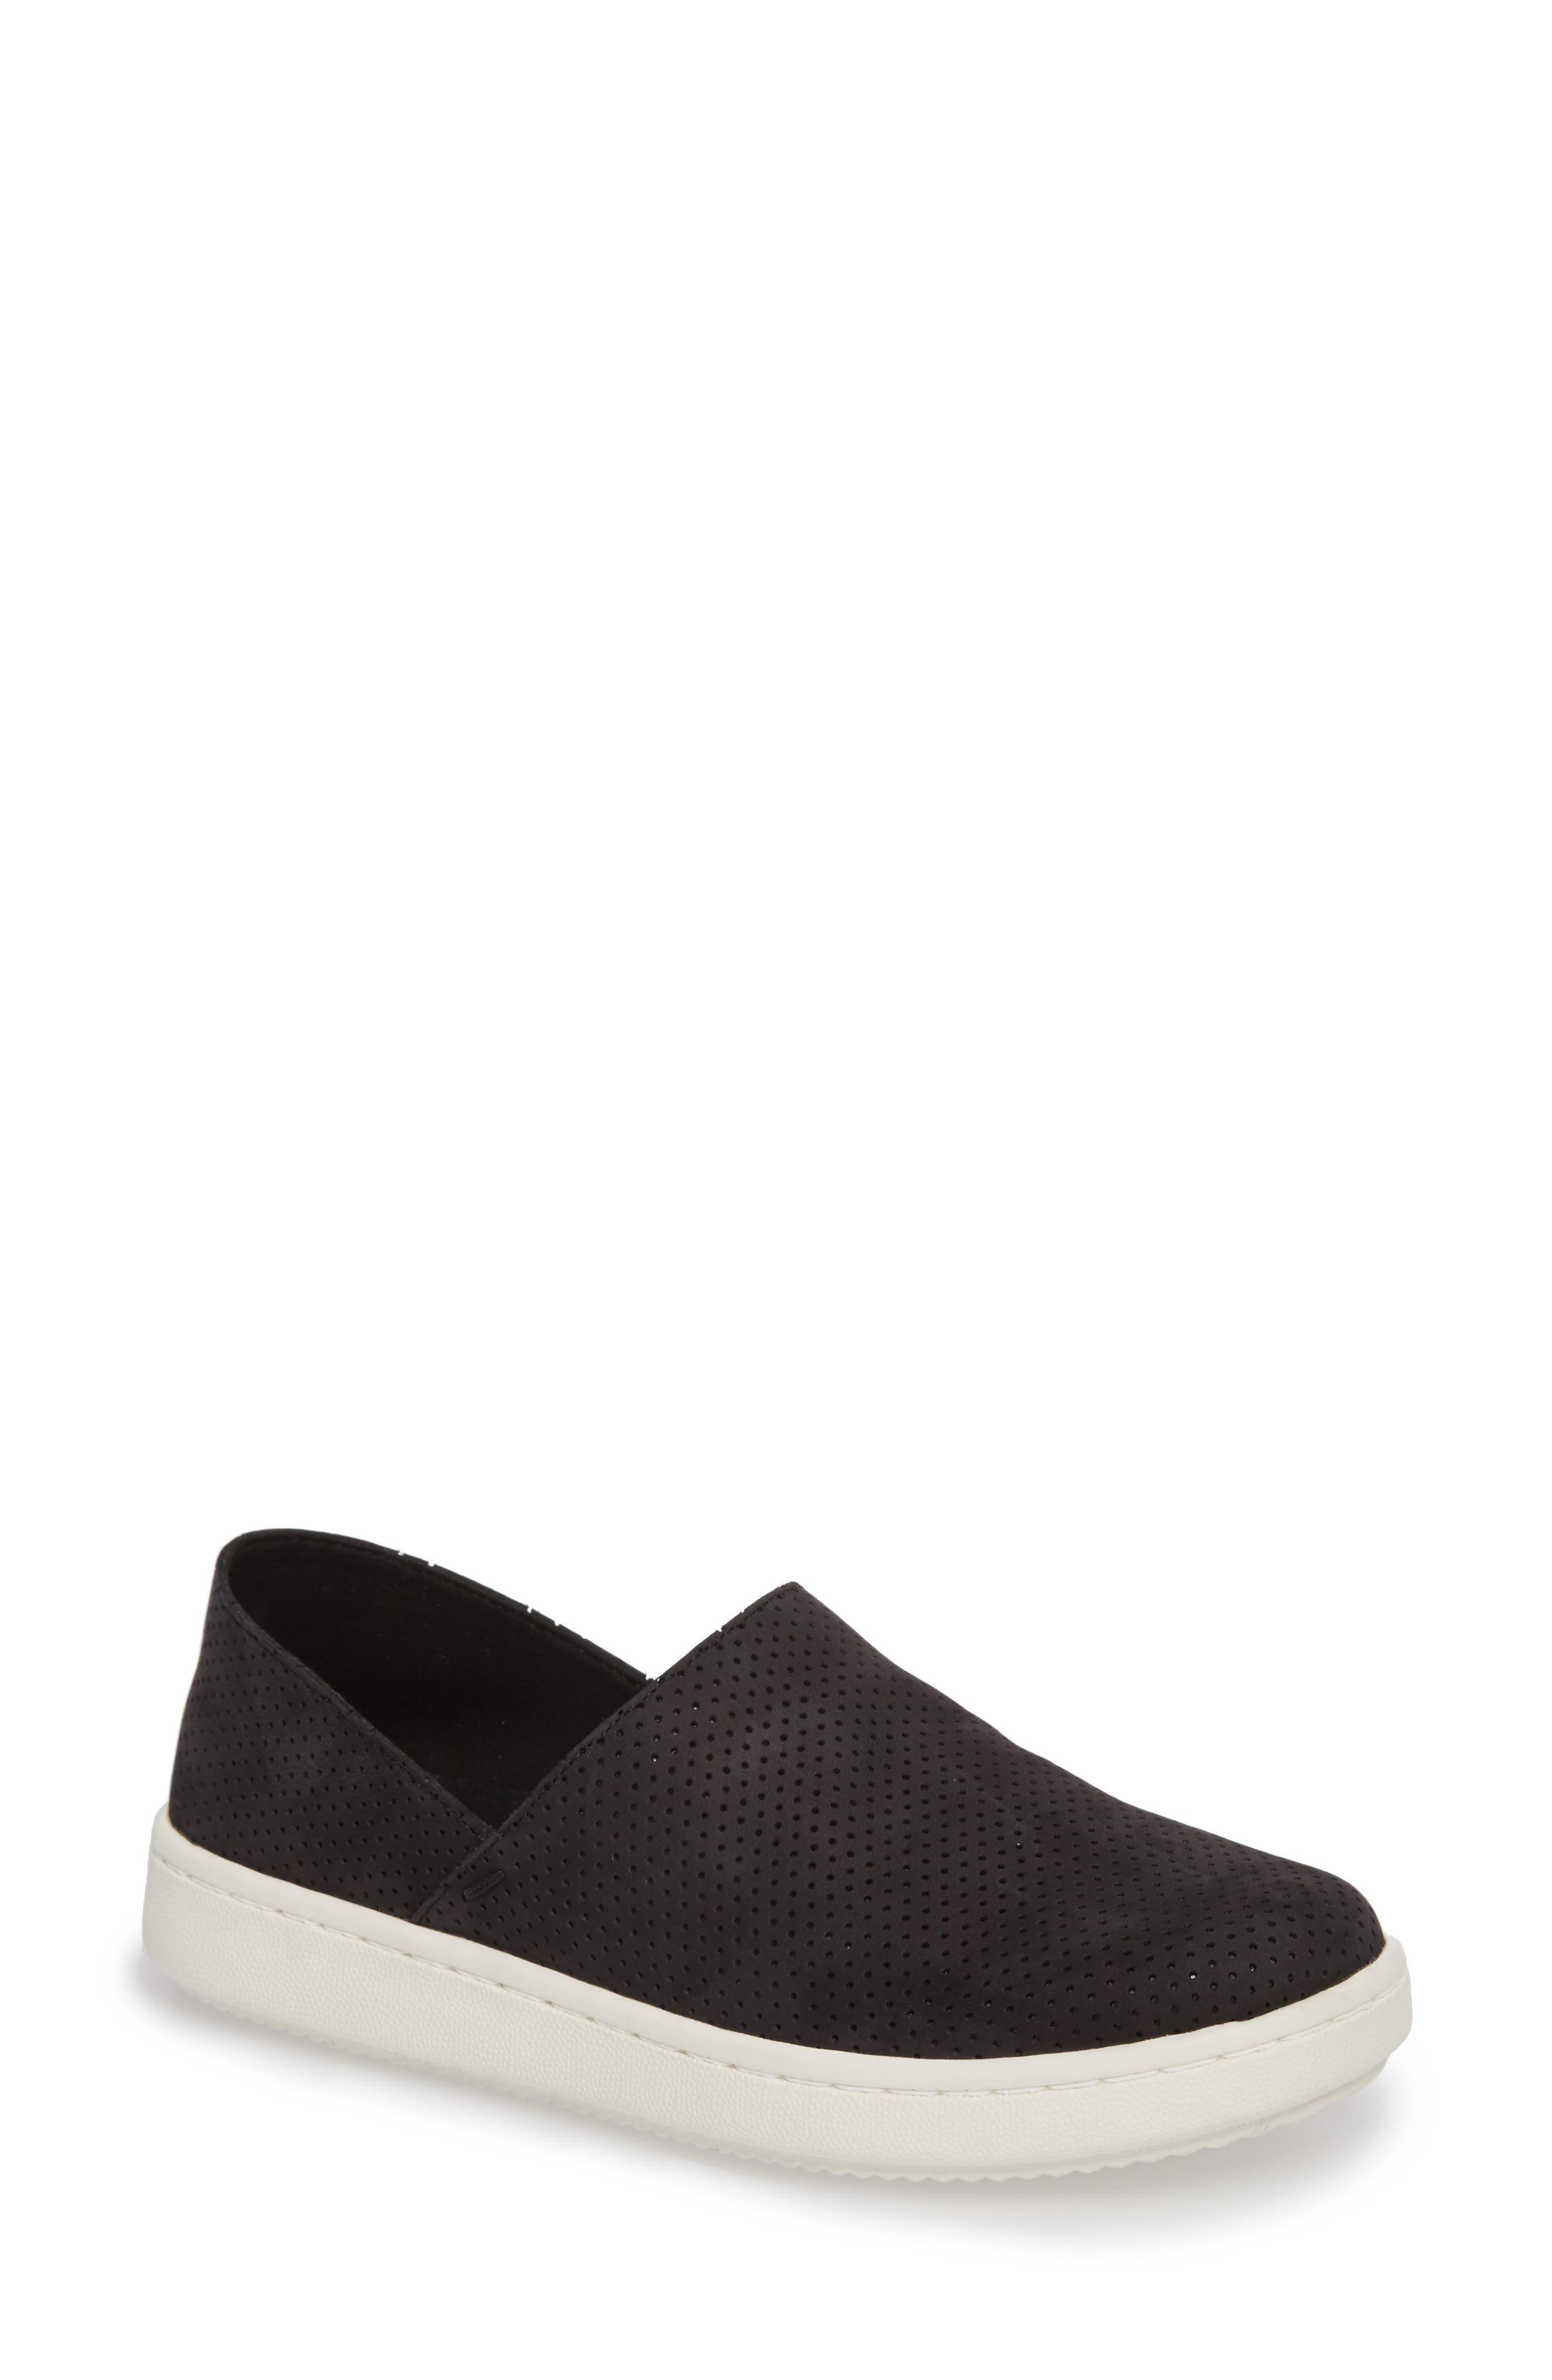 Panda Perforated Slip-On Sneaker,                         Main,                         color, 001